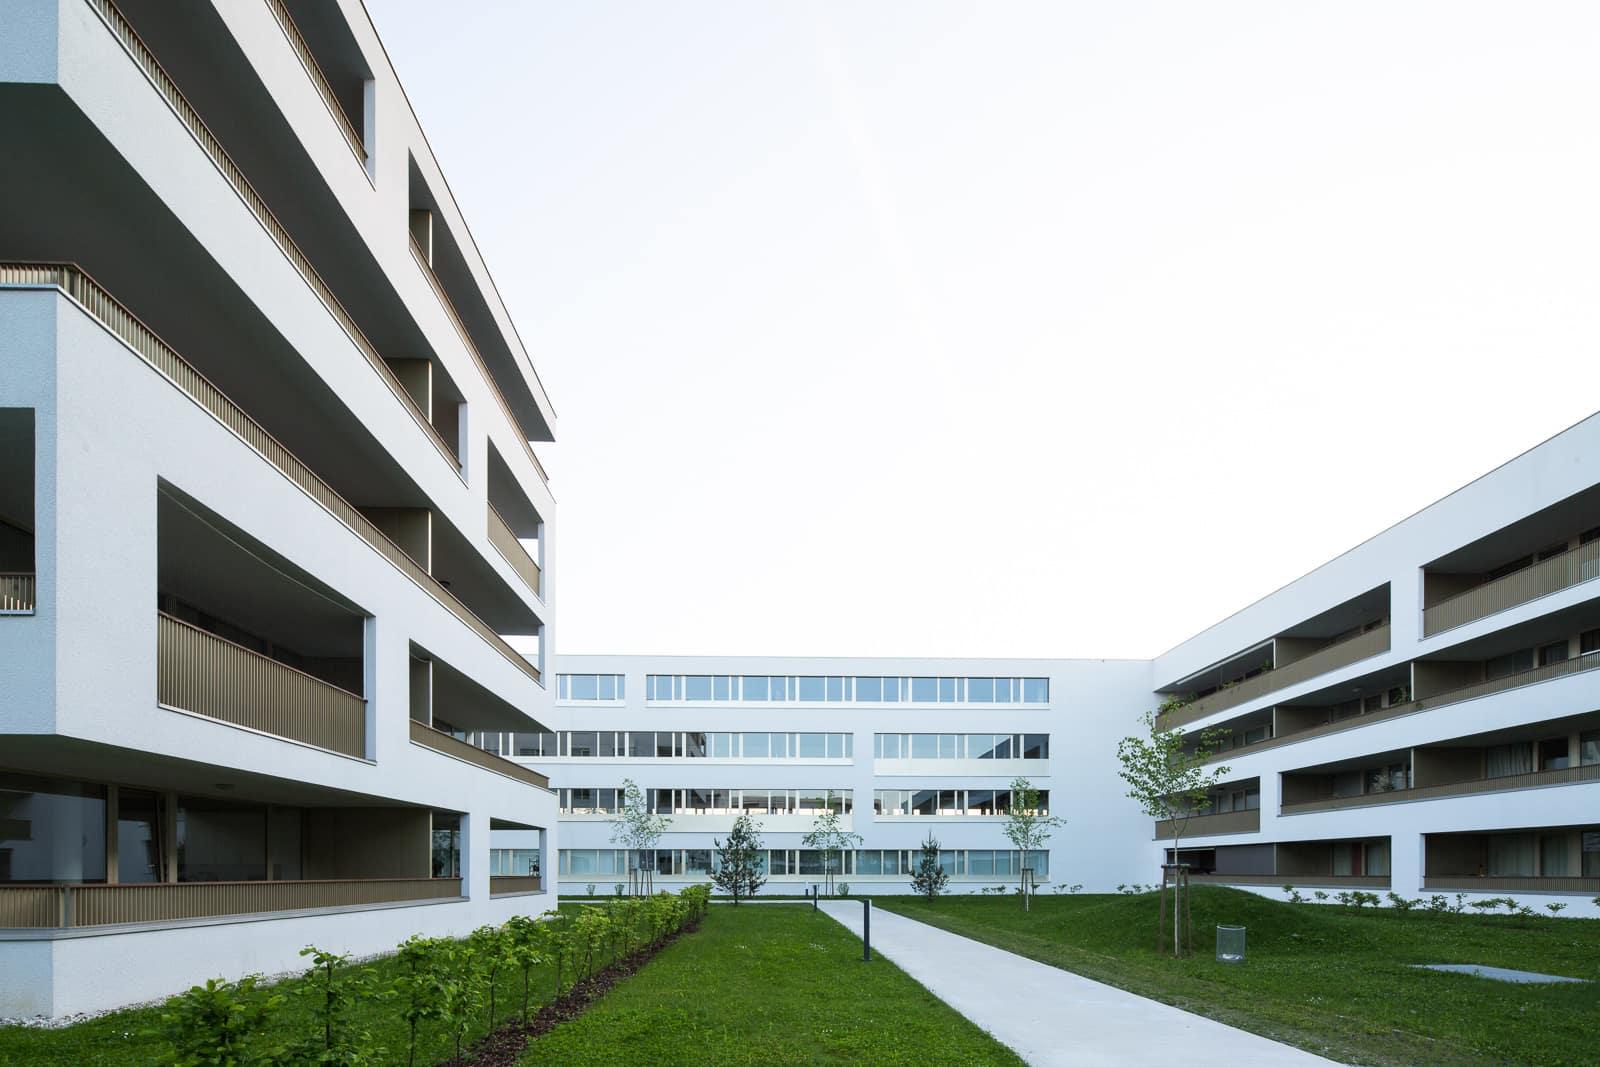 Christiane Eckl - Architekturfotografie aus Wels, Oberösterreich - Innenarchitektur und Außenaufnahmen